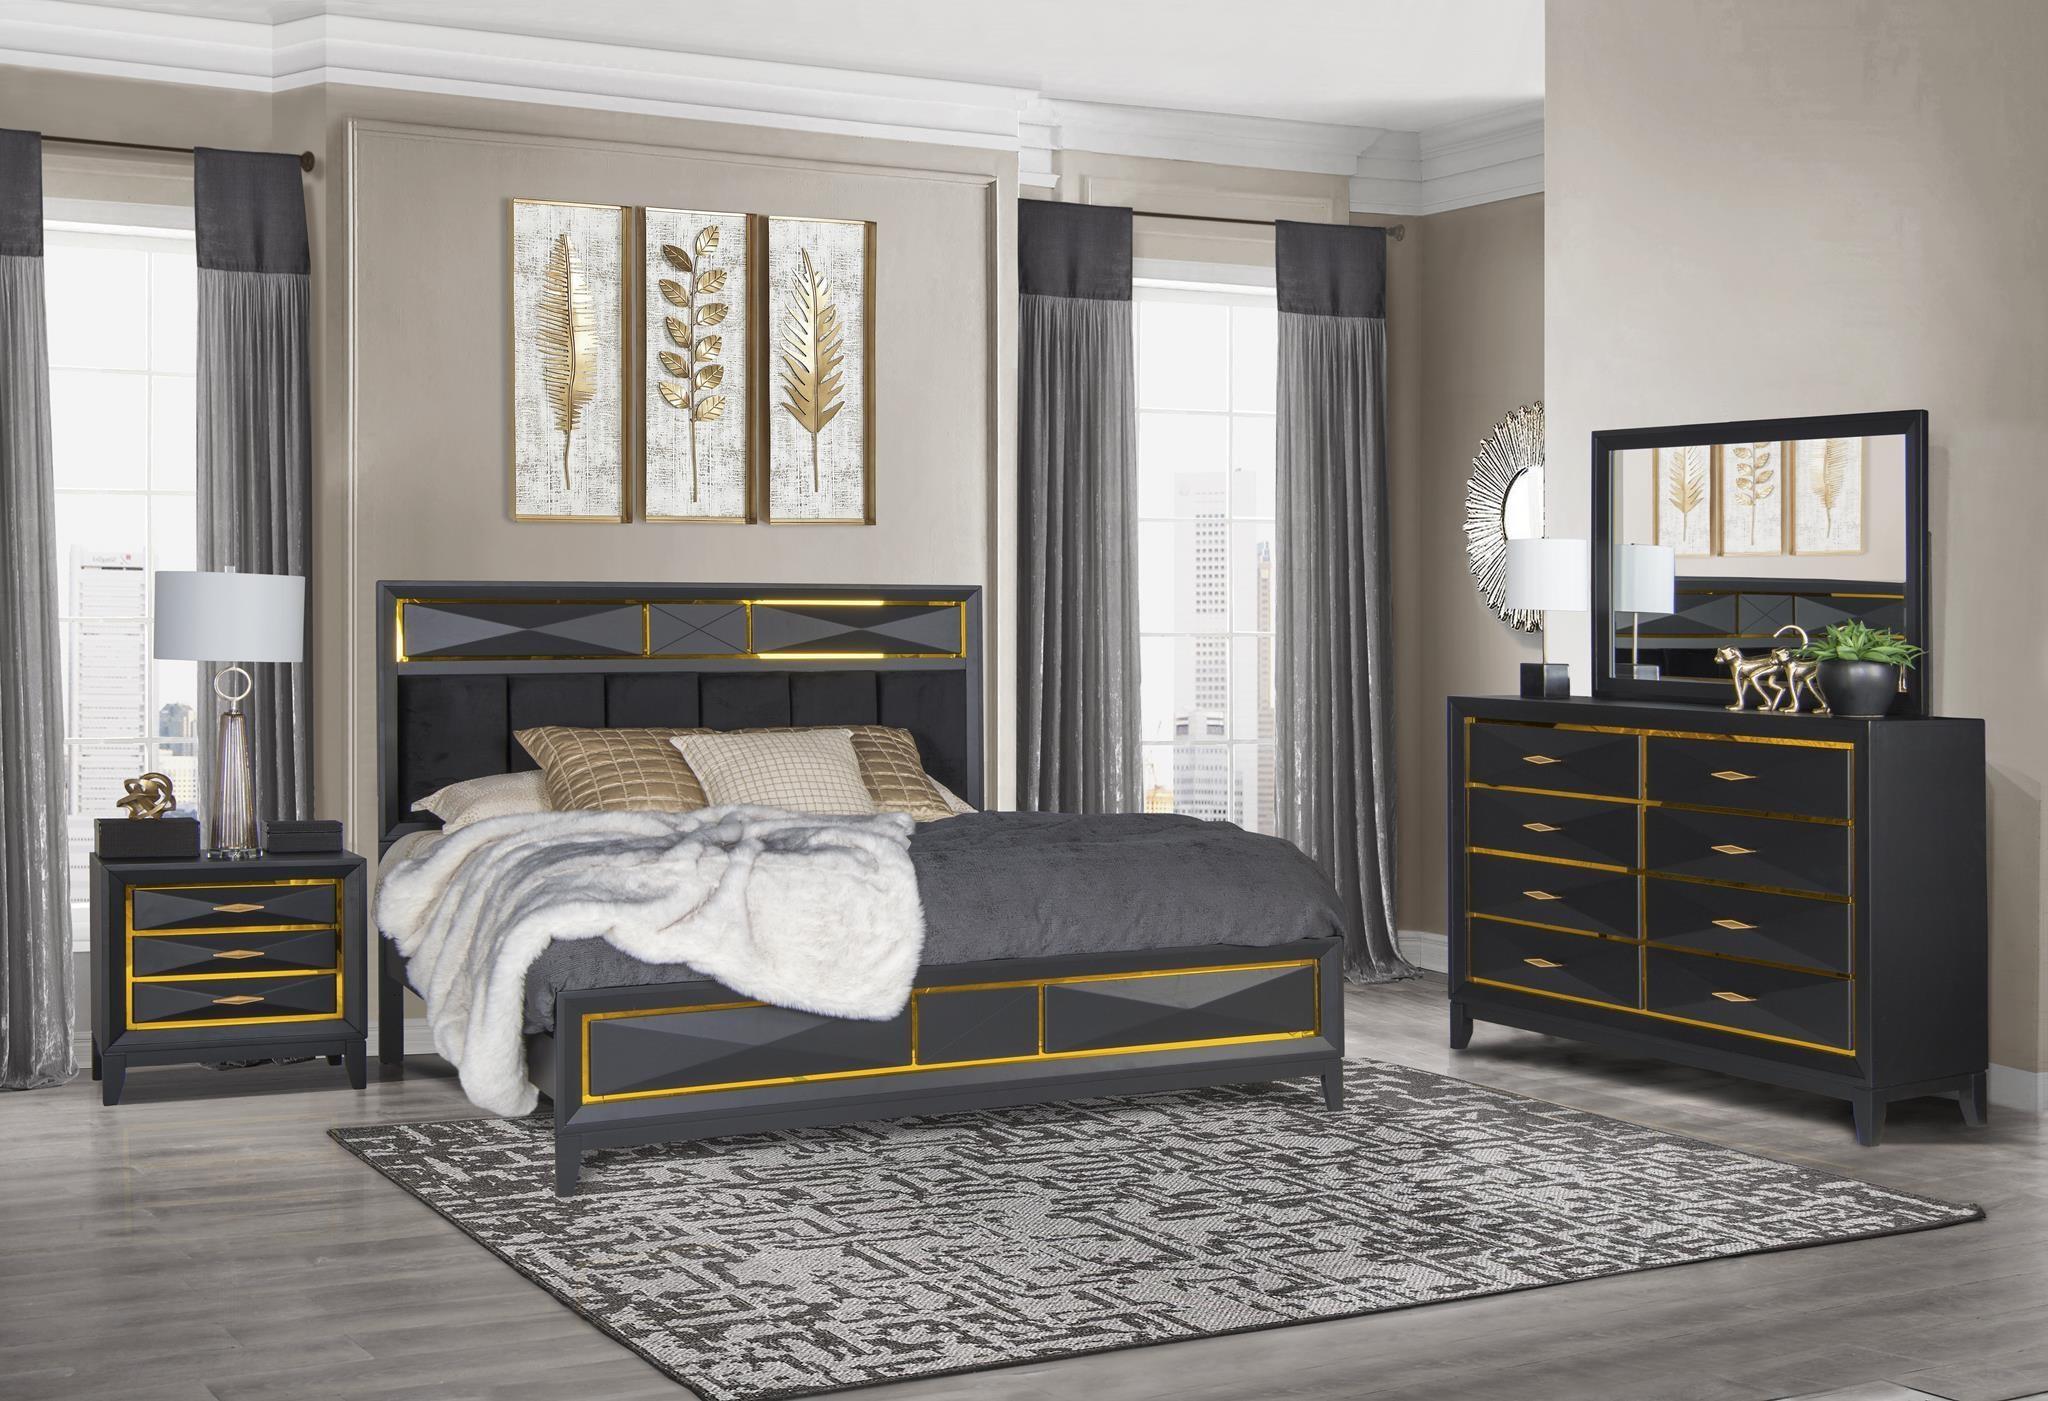 Enzo 4PC Queen Bedroom Set at Rotmans